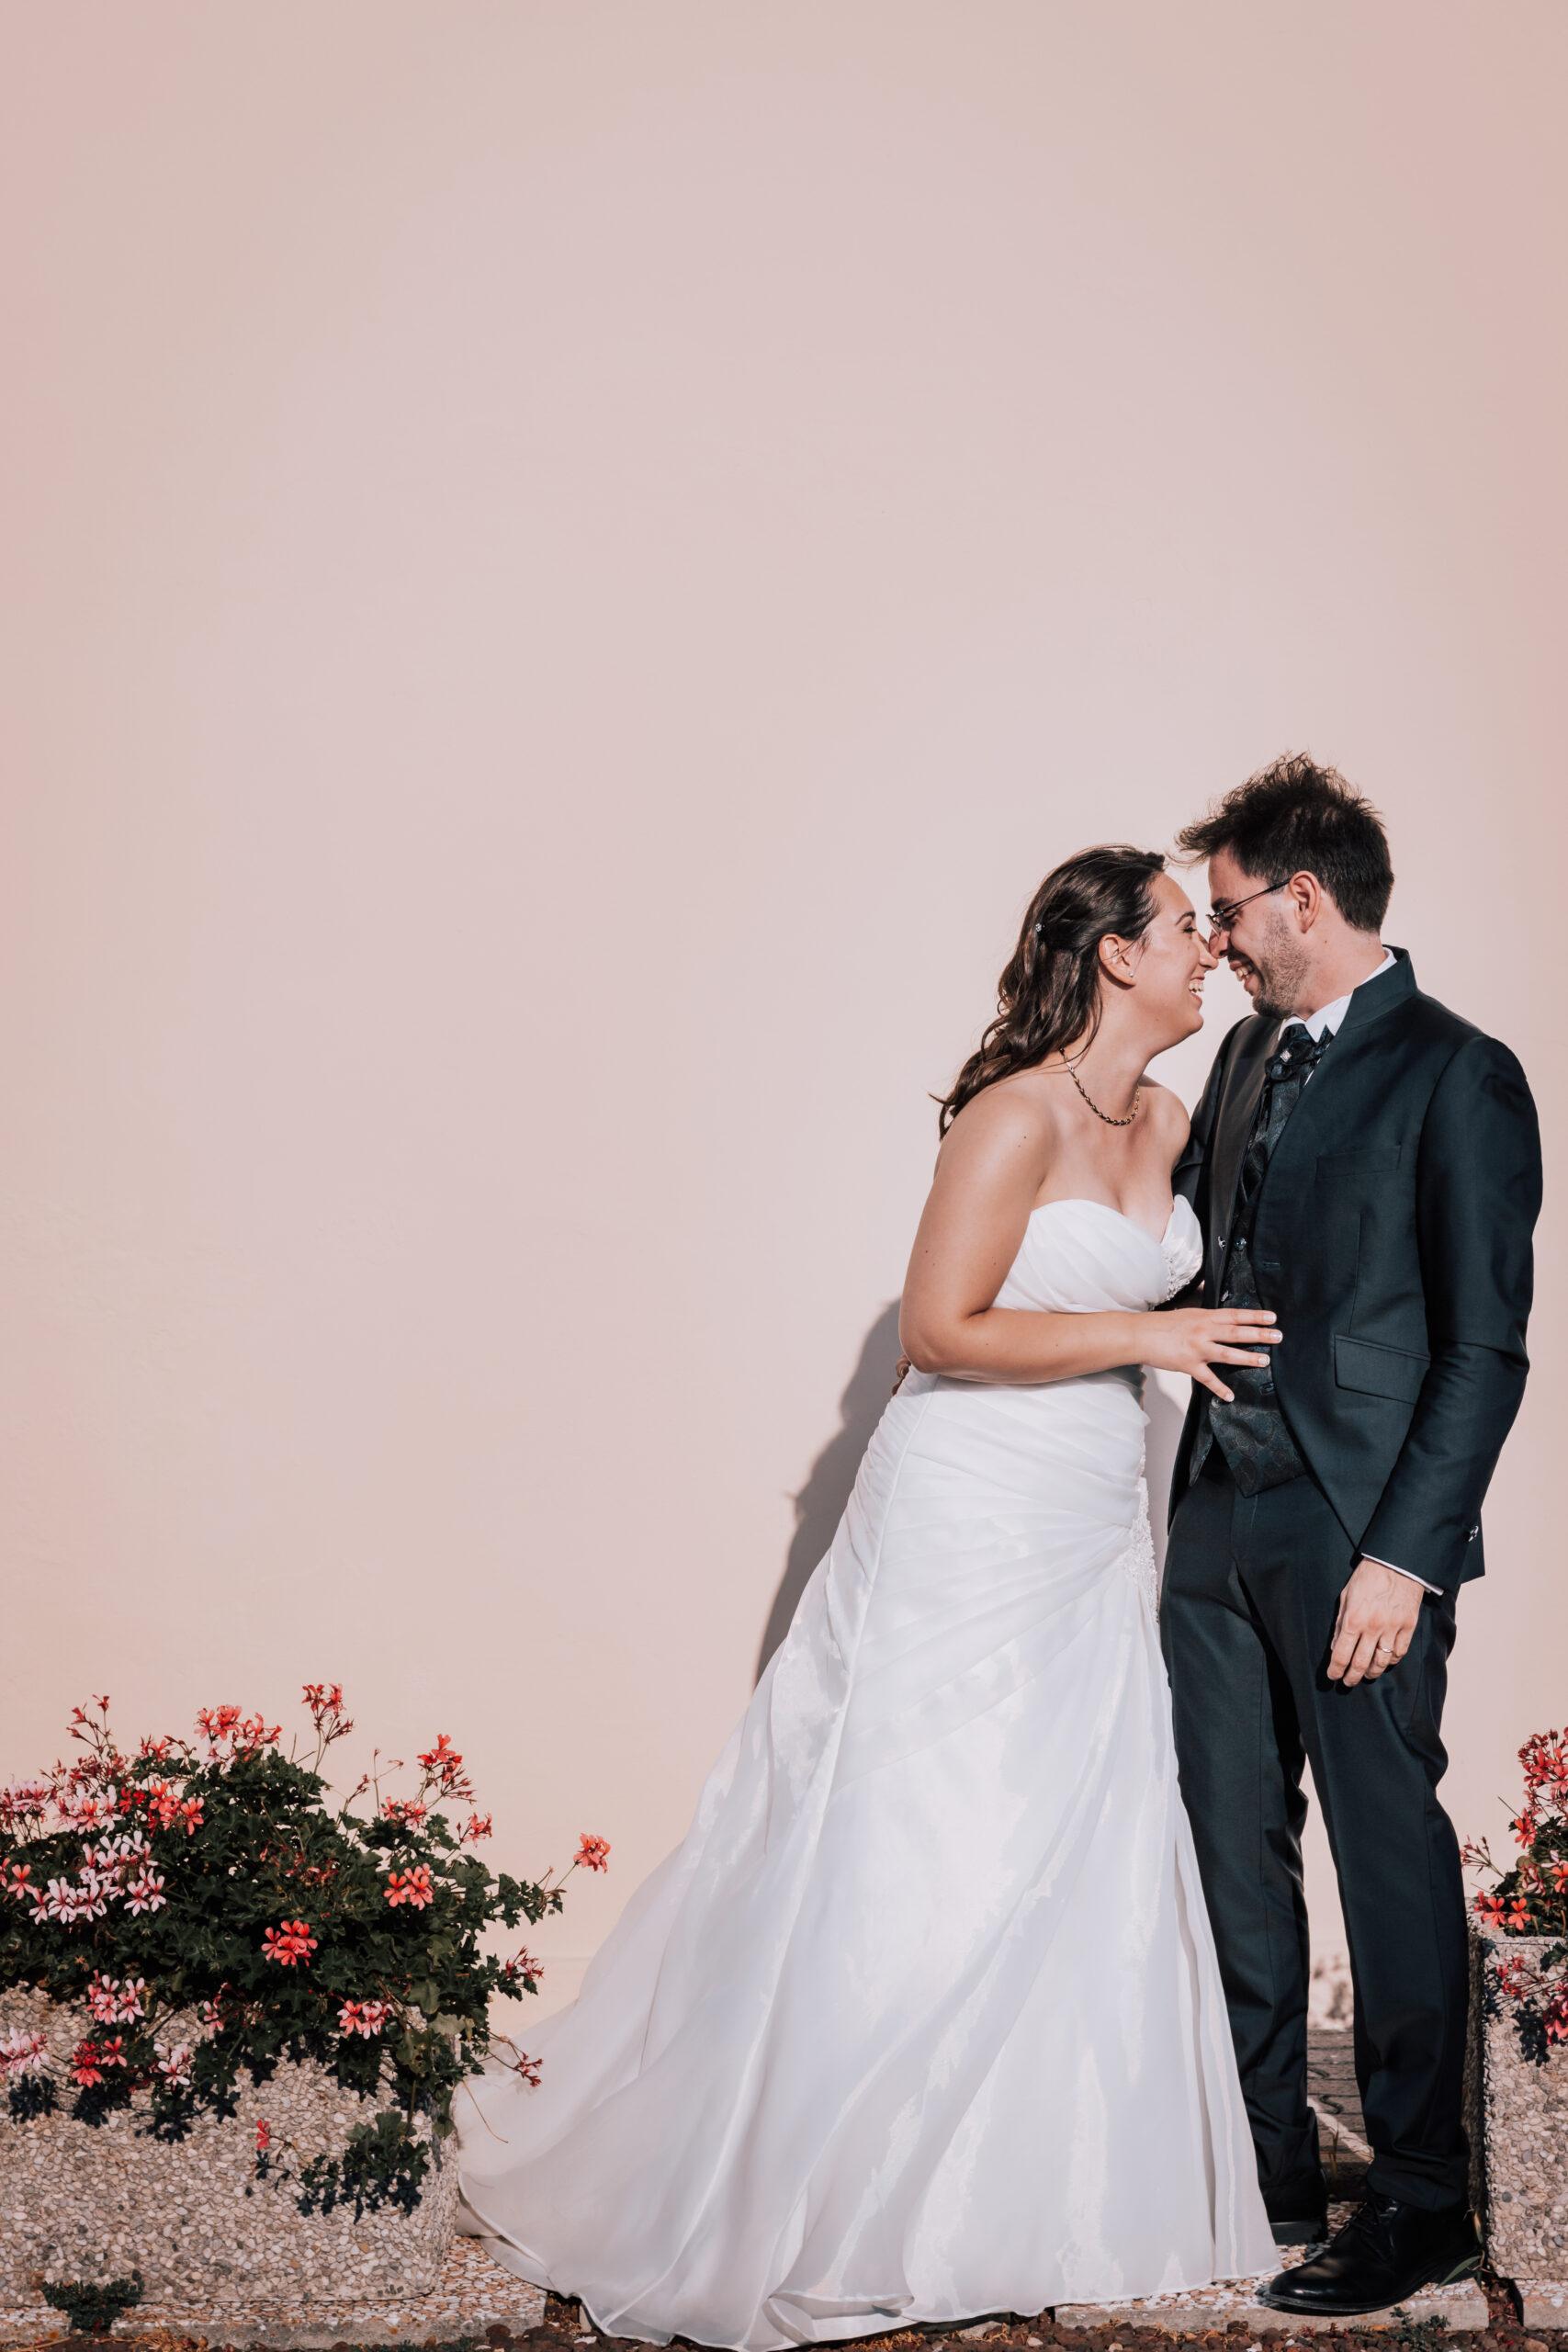 sposi su sfondo rosa pastello